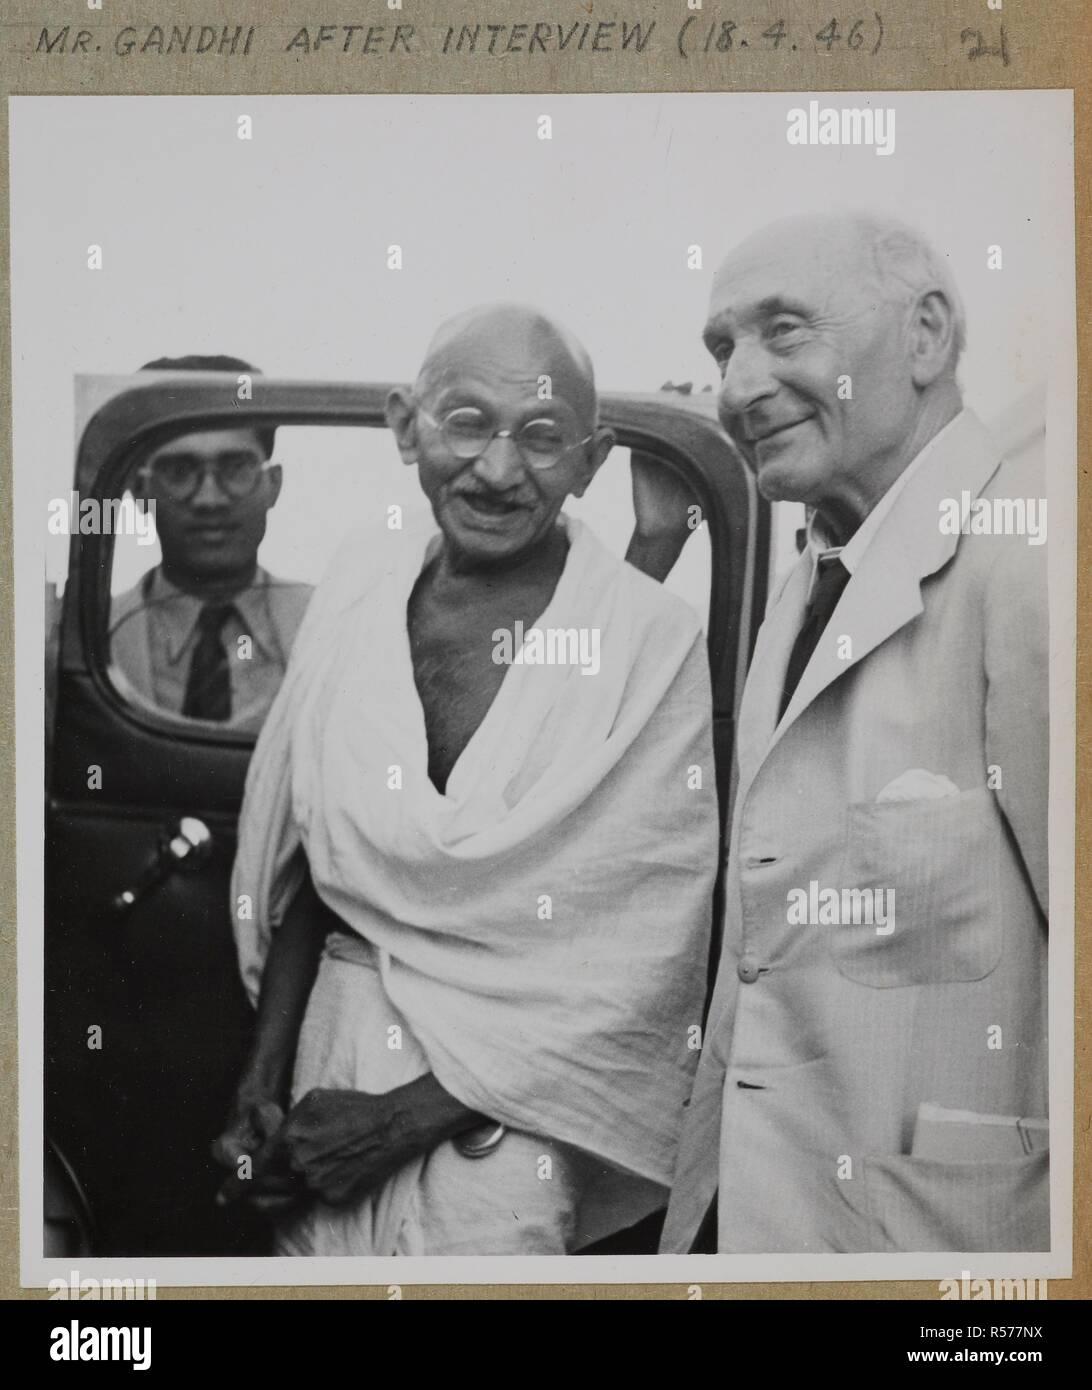 M. Gandhi [avec] Pethick-Lawrence après l'entrevue. Joyce Collection: Cabnet Mission en Inde - 1946 - volume II. L'Inde 18 avril 1946. Source: Photo 134/2(21). Auteur: Bureau international d'information de presse. Banque D'Images